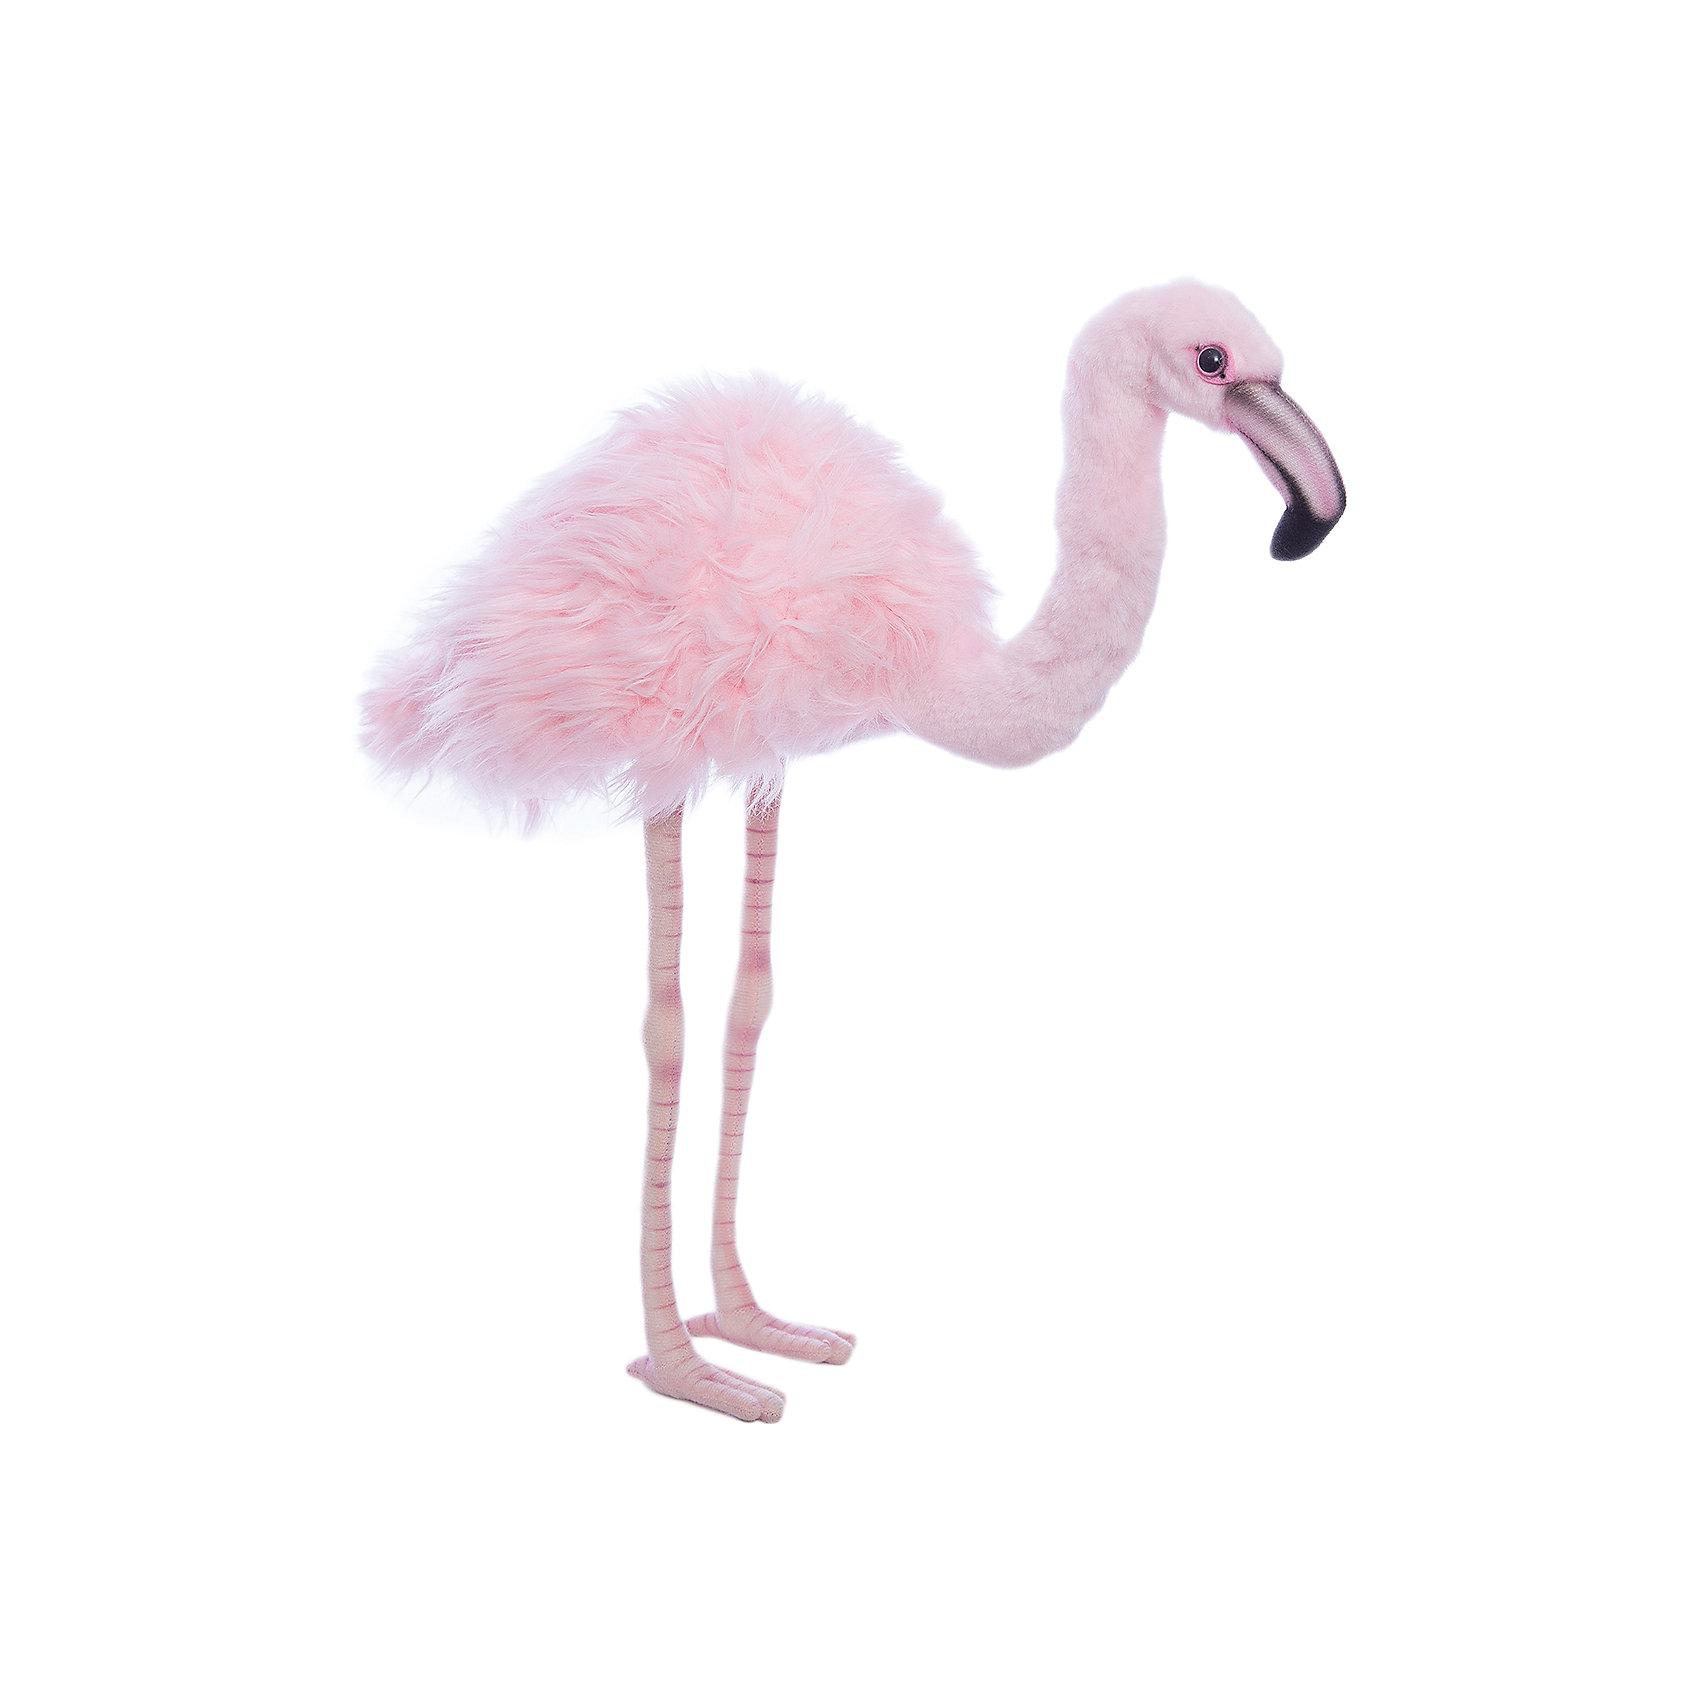 Розовый фламинго, 38 смЗвери и птицы<br>Розовый фламинго, 38 см – игрушка от знаменитого бренда Hansa, специализирующегося на выпуске мягких игрушек с высокой степенью натуралистичности. Внешний игрушки полностью соответствует реальному прототипу – розовому фламинго. Игрушка выполнена из розового меха с ворсом разной длины: короткий мех на голове и шее, длинный – на туловище. Все материалы обладают гипоаллергенными свойствами. У лисицы большие ушки и пушистый хвост. Внутри имеется металлический каркас, который позволяет изменять положение. Игрушка относится к серии Дикие животные. <br>Мягкие игрушки от Hansa подходят для сюжетно-ролевых игр или для обучающих игр. Кроме того, их можно использовать в качестве интерьерных игрушек. Игрушки от Hansa будут радовать вашего ребенка долгое время, так как ручная работа и качественные материалы гарантируют их долговечность и прочность.<br><br>Дополнительная информация:<br><br>- Вид игр: сюжетно-ролевые игры, коллекционирование, интерьерные игрушки<br>- Предназначение: для дома, для детских развивающих центров, для детских садов<br>- Материал: искусственный мех, пластик, наполнитель ? полиэфирное волокно<br>- Размер (ДхШхВ): 38*33*14 см<br>- Вес: 340 г<br>- Особенности ухода: сухая чистка при помощи пылесоса или щетки для одежды<br><br>Подробнее:<br><br>• Для детей в возрасте: от 3 лет <br>• Страна производитель: Филиппины<br>• Торговый бренд: Hansa<br><br>Розового фламинго, 38 см можно купить в нашем интернет-магазине.<br><br>Ширина мм: 32<br>Глубина мм: 33<br>Высота мм: 14<br>Вес г: 340<br>Возраст от месяцев: 36<br>Возраст до месяцев: 2147483647<br>Пол: Унисекс<br>Возраст: Детский<br>SKU: 4927214